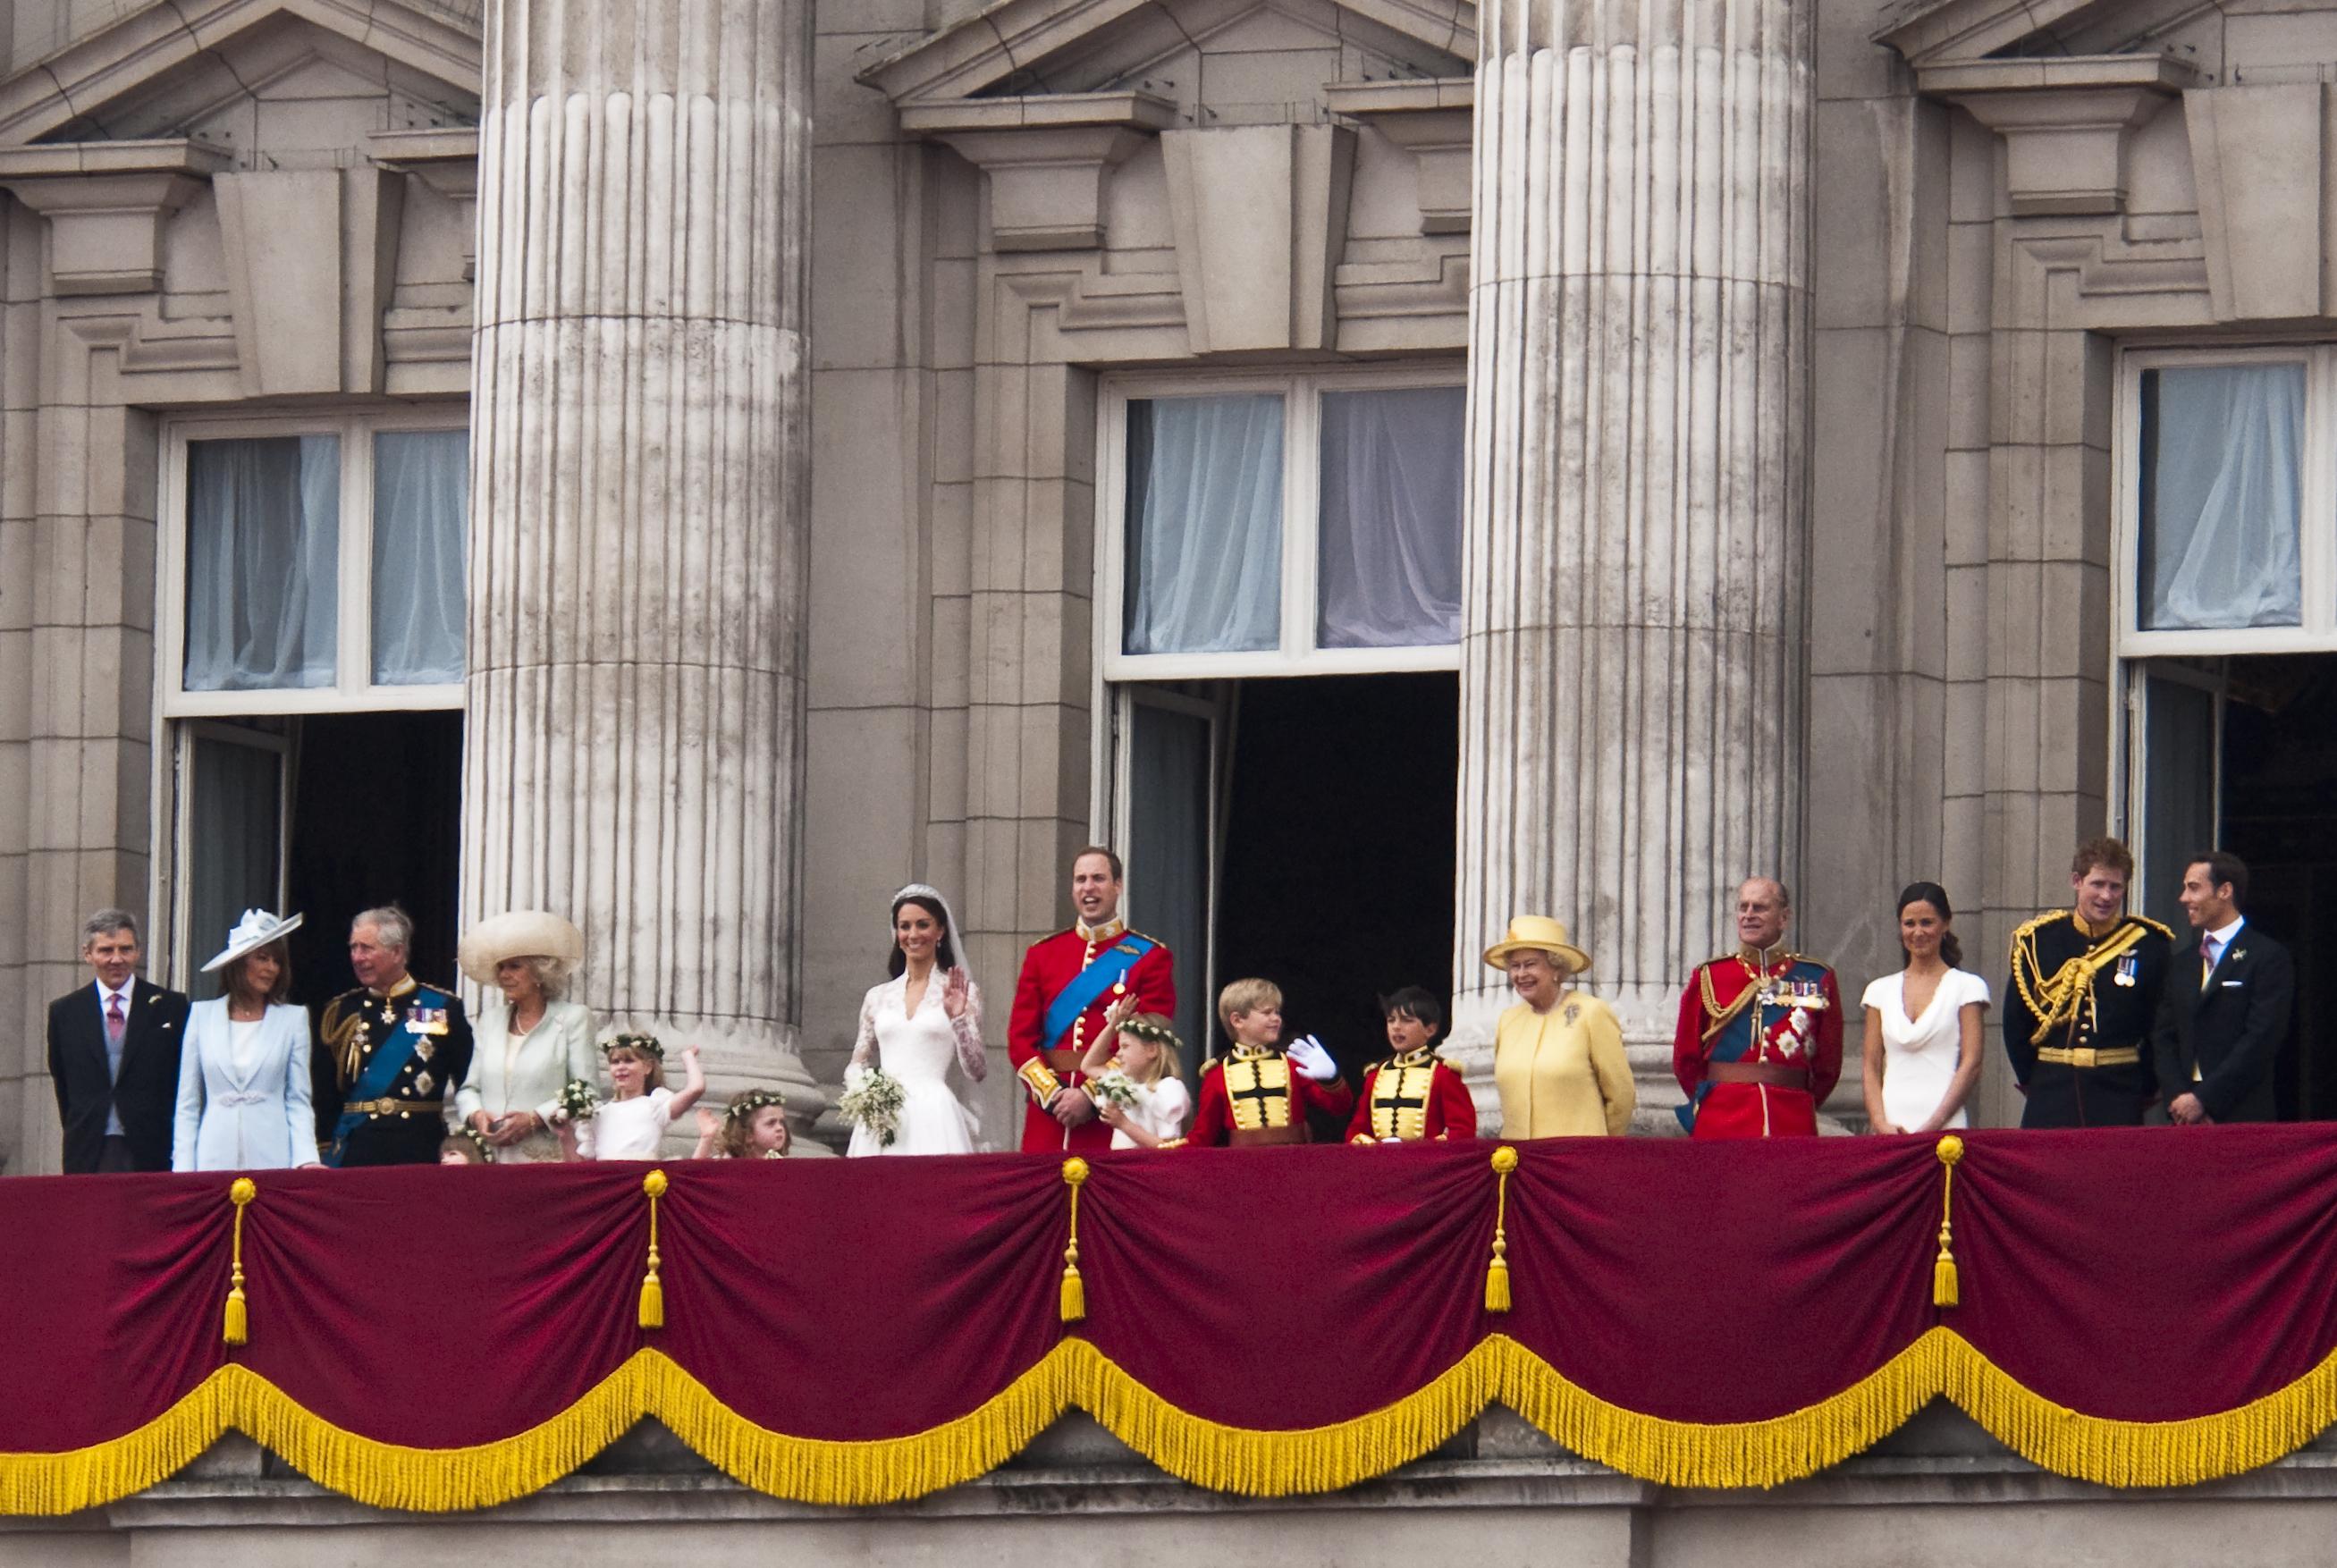 Prince Harry family royal wedding